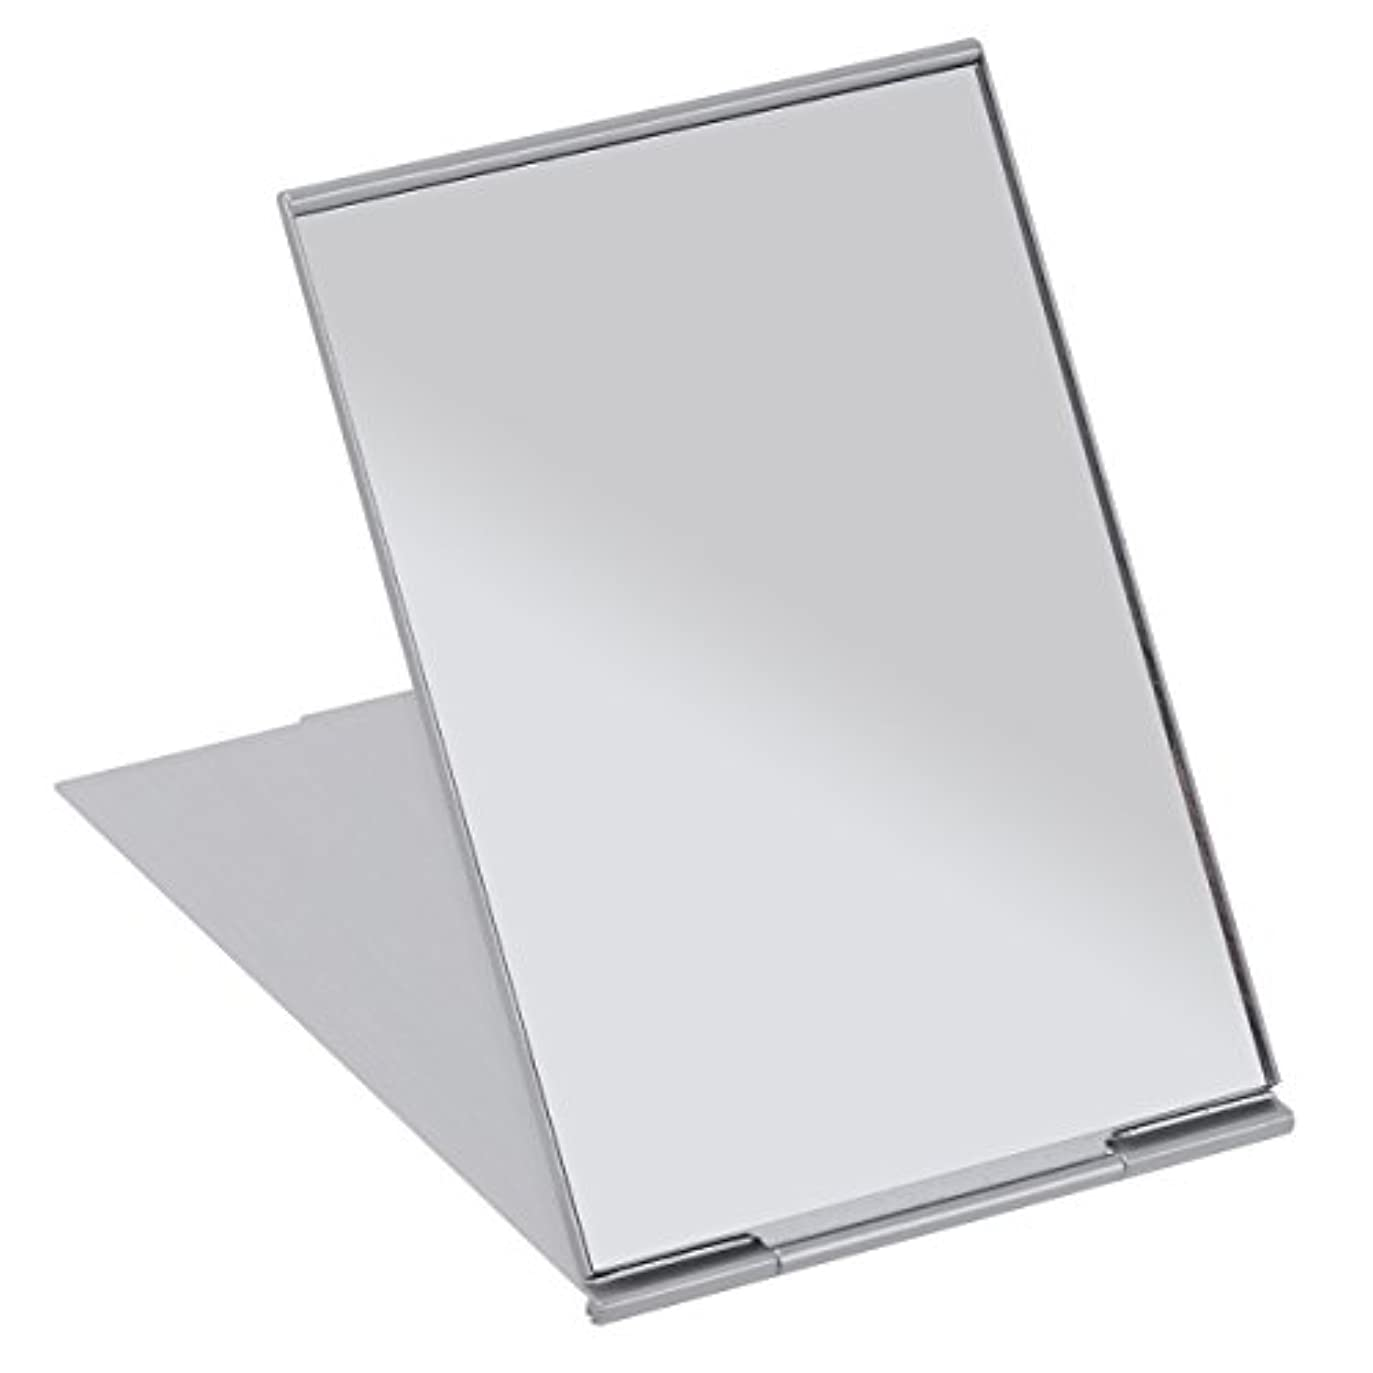 メタンリーチソースFRCOLOR 化粧鏡 携帯ミラー 折りたたみミラー 化粧ミラー コンパクトミラー 11.5*8cm 持ち運びに便利 (シルバー)